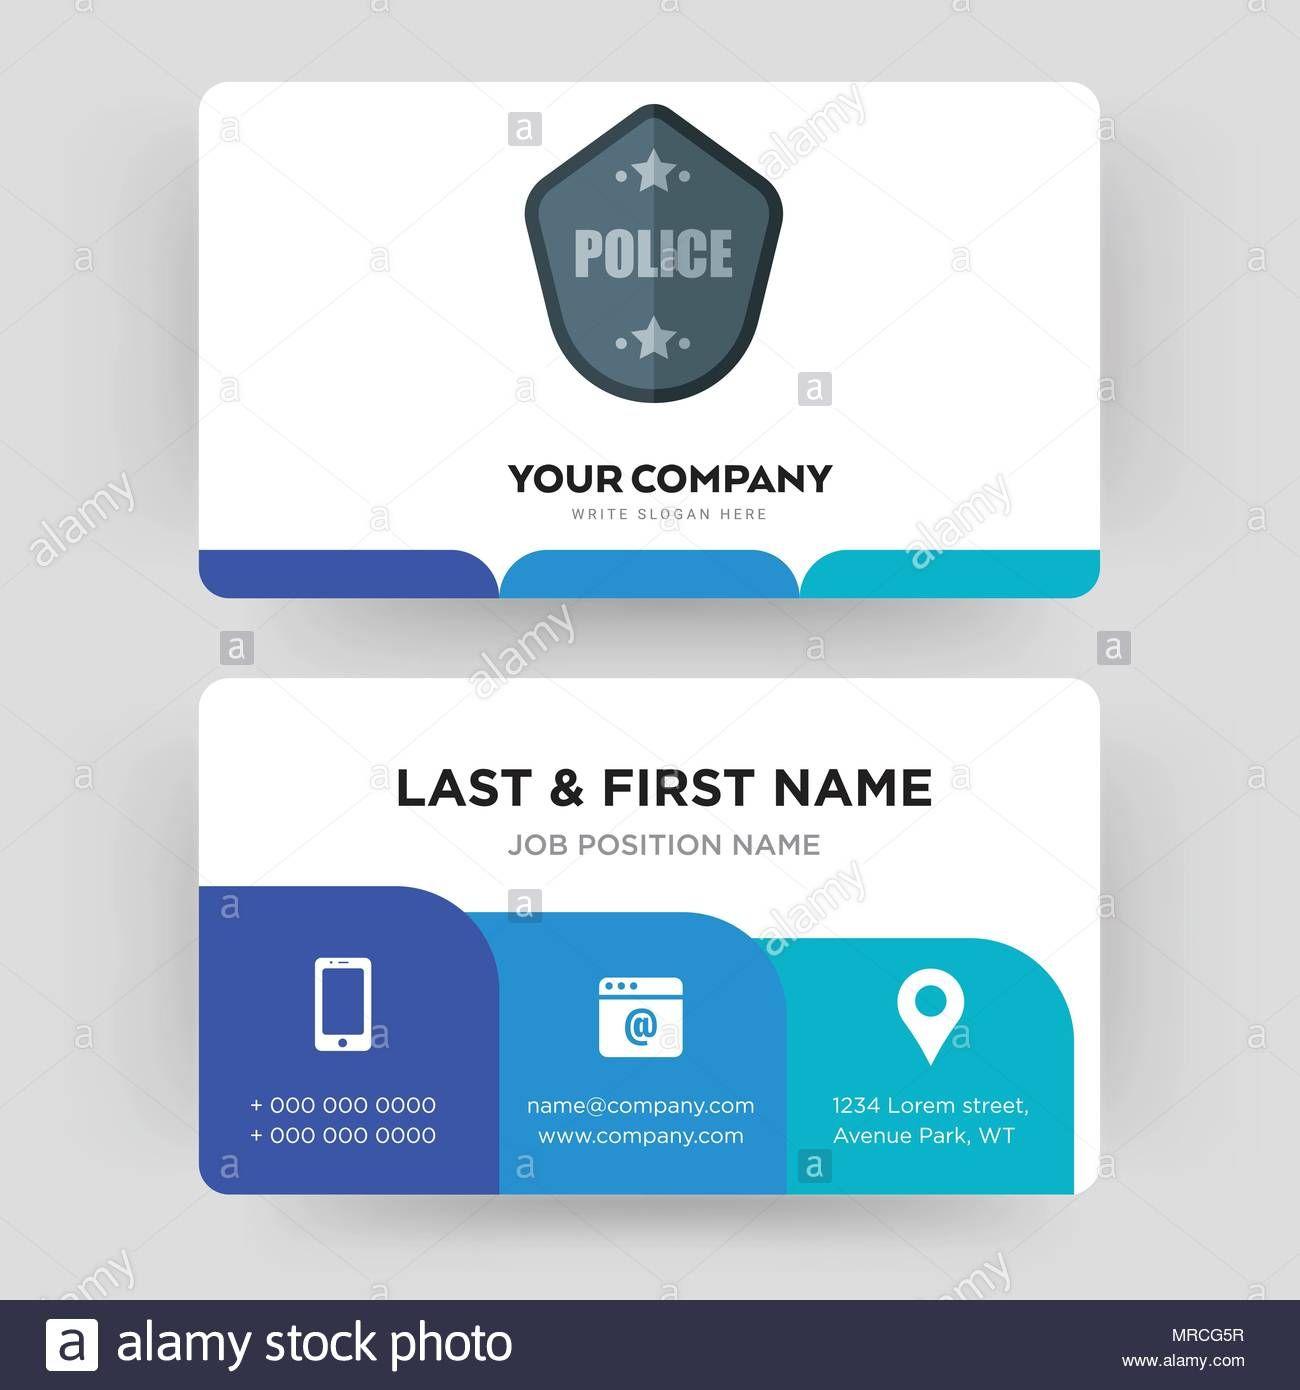 40a498 Fbi Id Card Template Wiring Resources In Mi6 Id Card Template Best Template Ideas Id Card Template Card Template Business Template